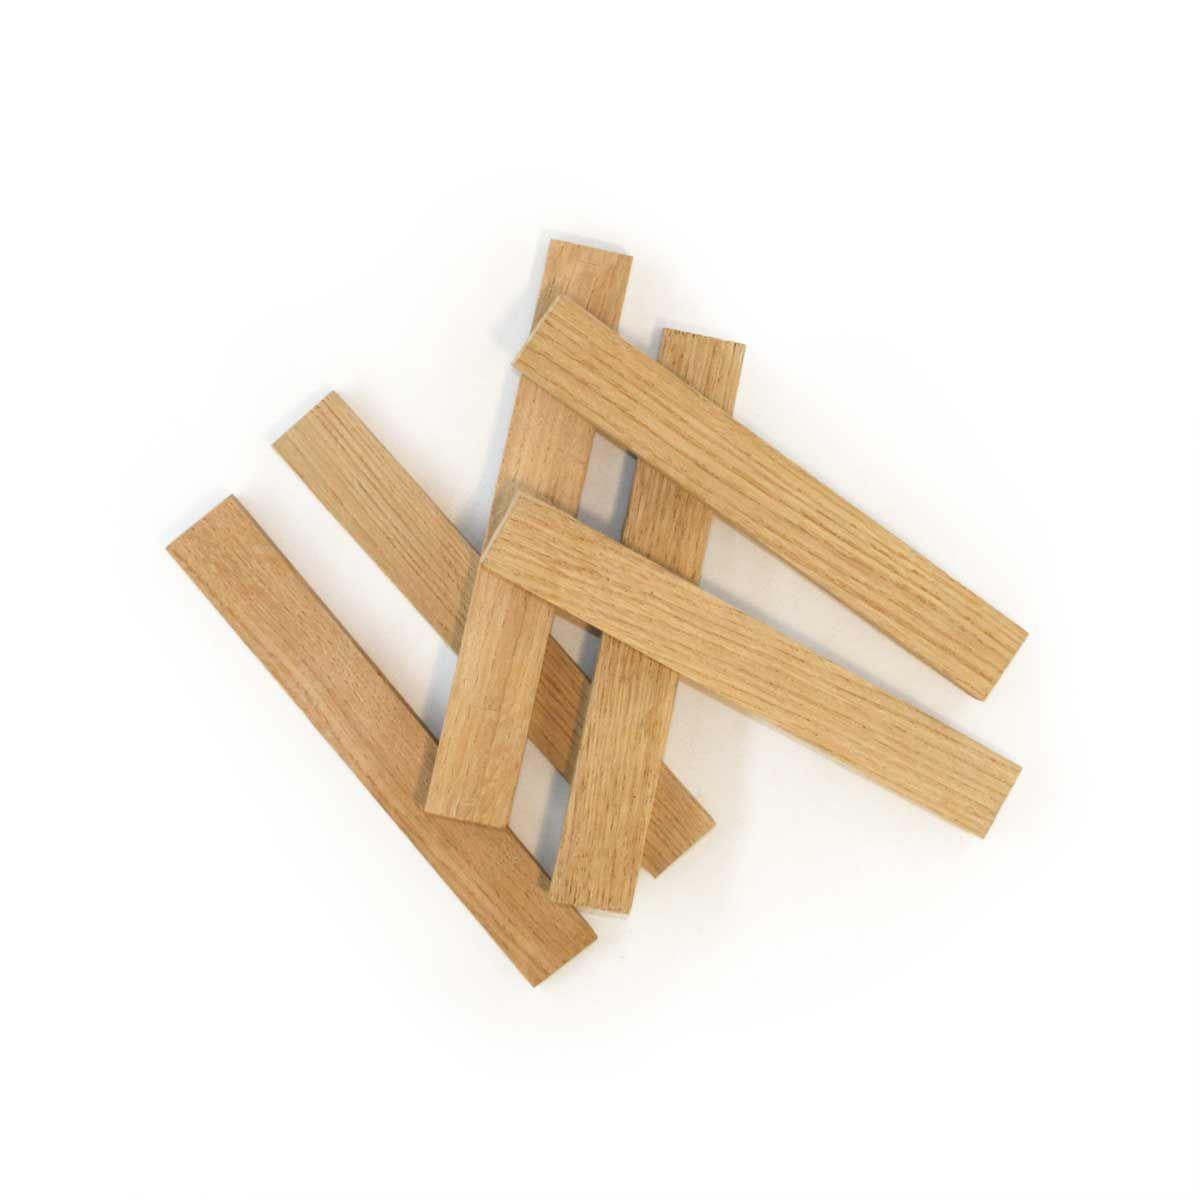 Heizfuxx Anfeuerholz Aus Reiner Eiche Bei Paligo Günstig Kaufen Einfach Bequem Online Bestellen Lieferung Frei Bordsteinkante Eiche Holz Brennholz Buche